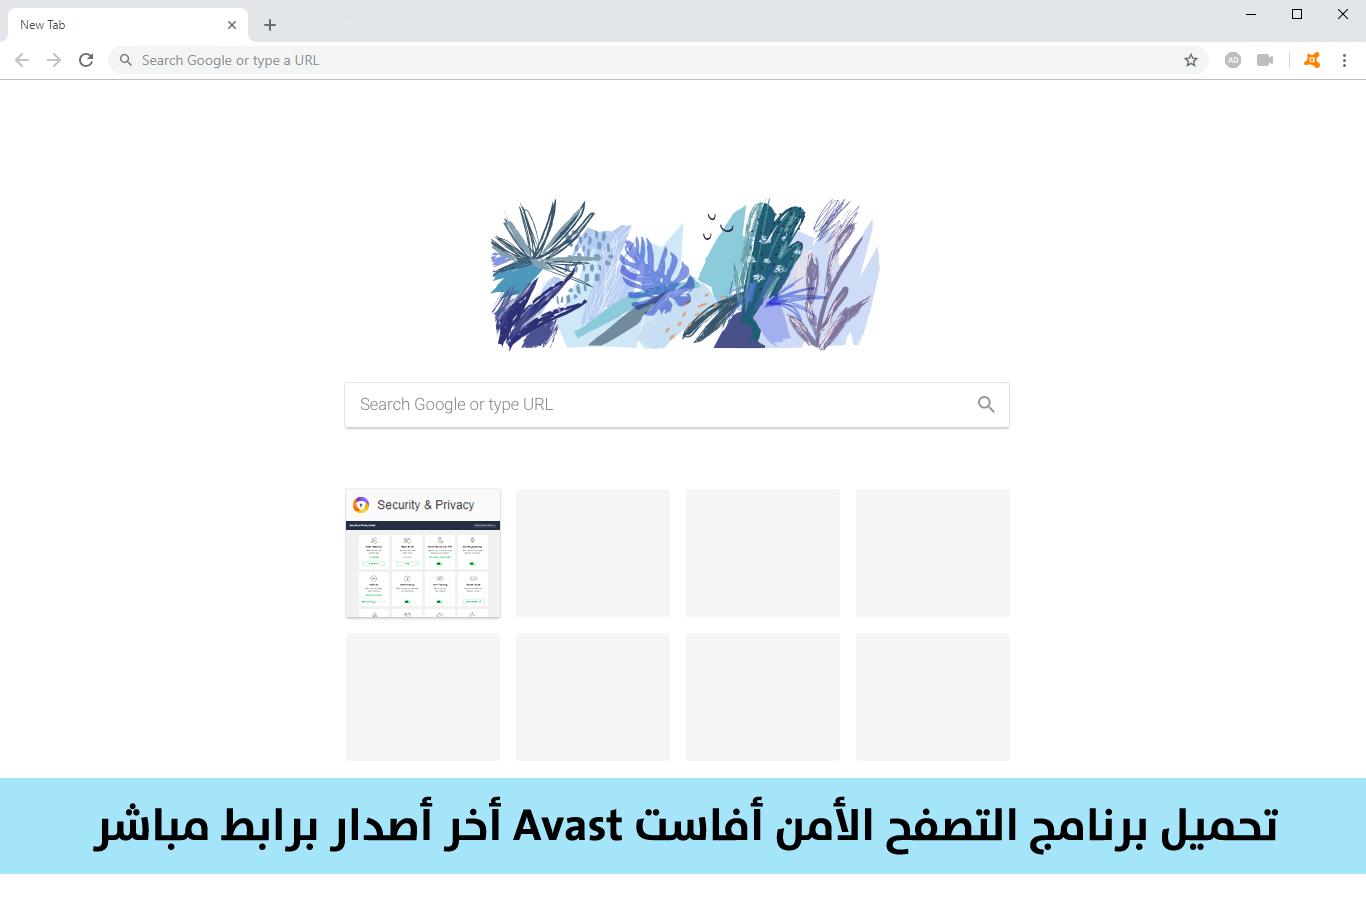 تحميل برنامج التصفح الأمن أفاست Avast أخر أصدار برابط مباشر